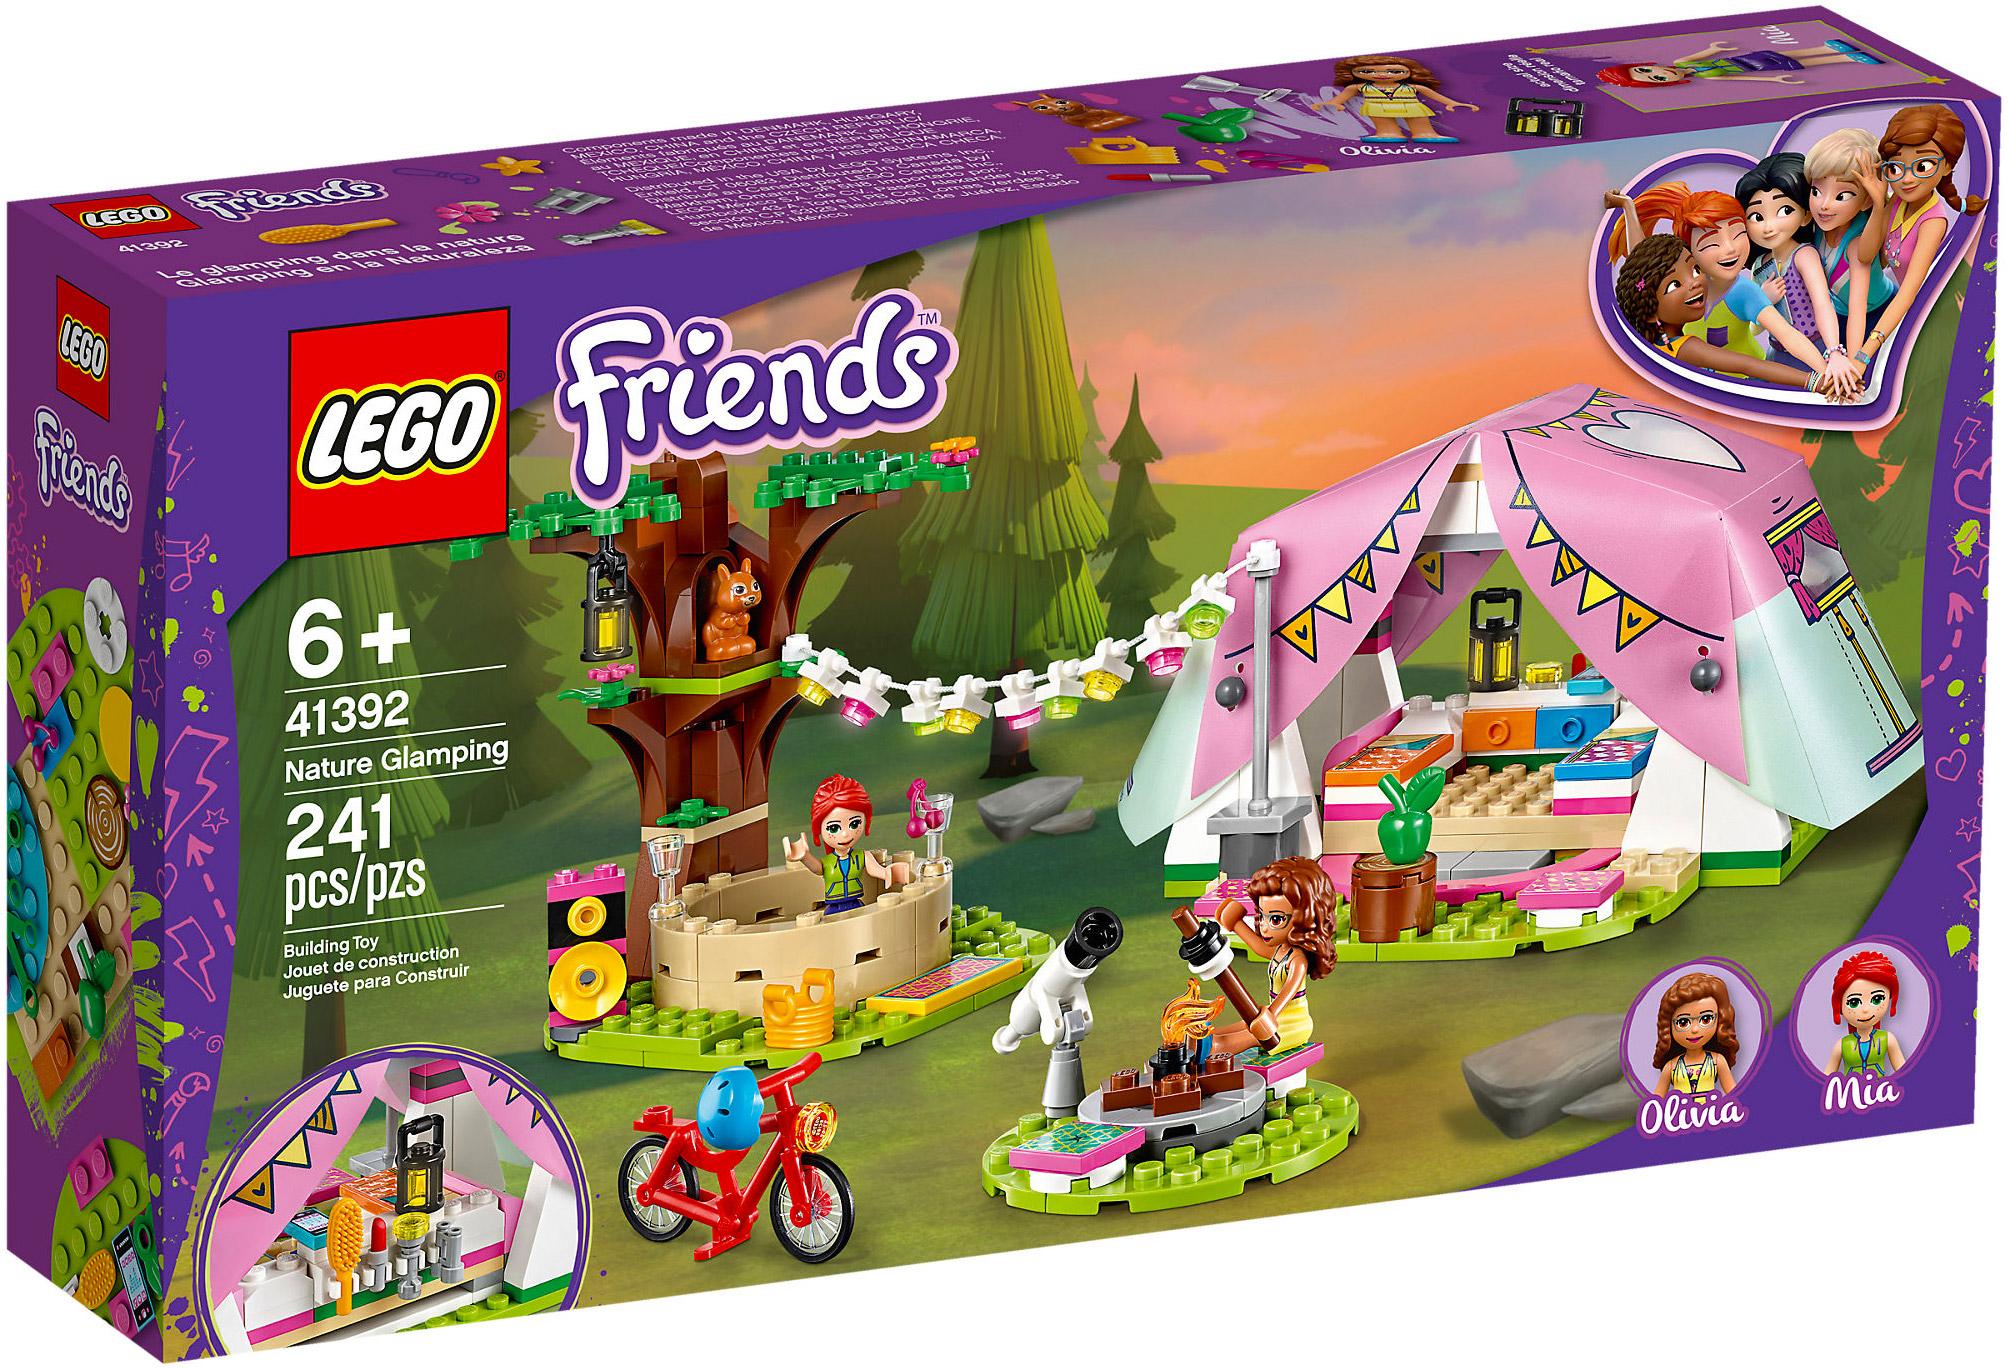 LEGO Friends 41392 pas cher, Le camping glamour dans la nature